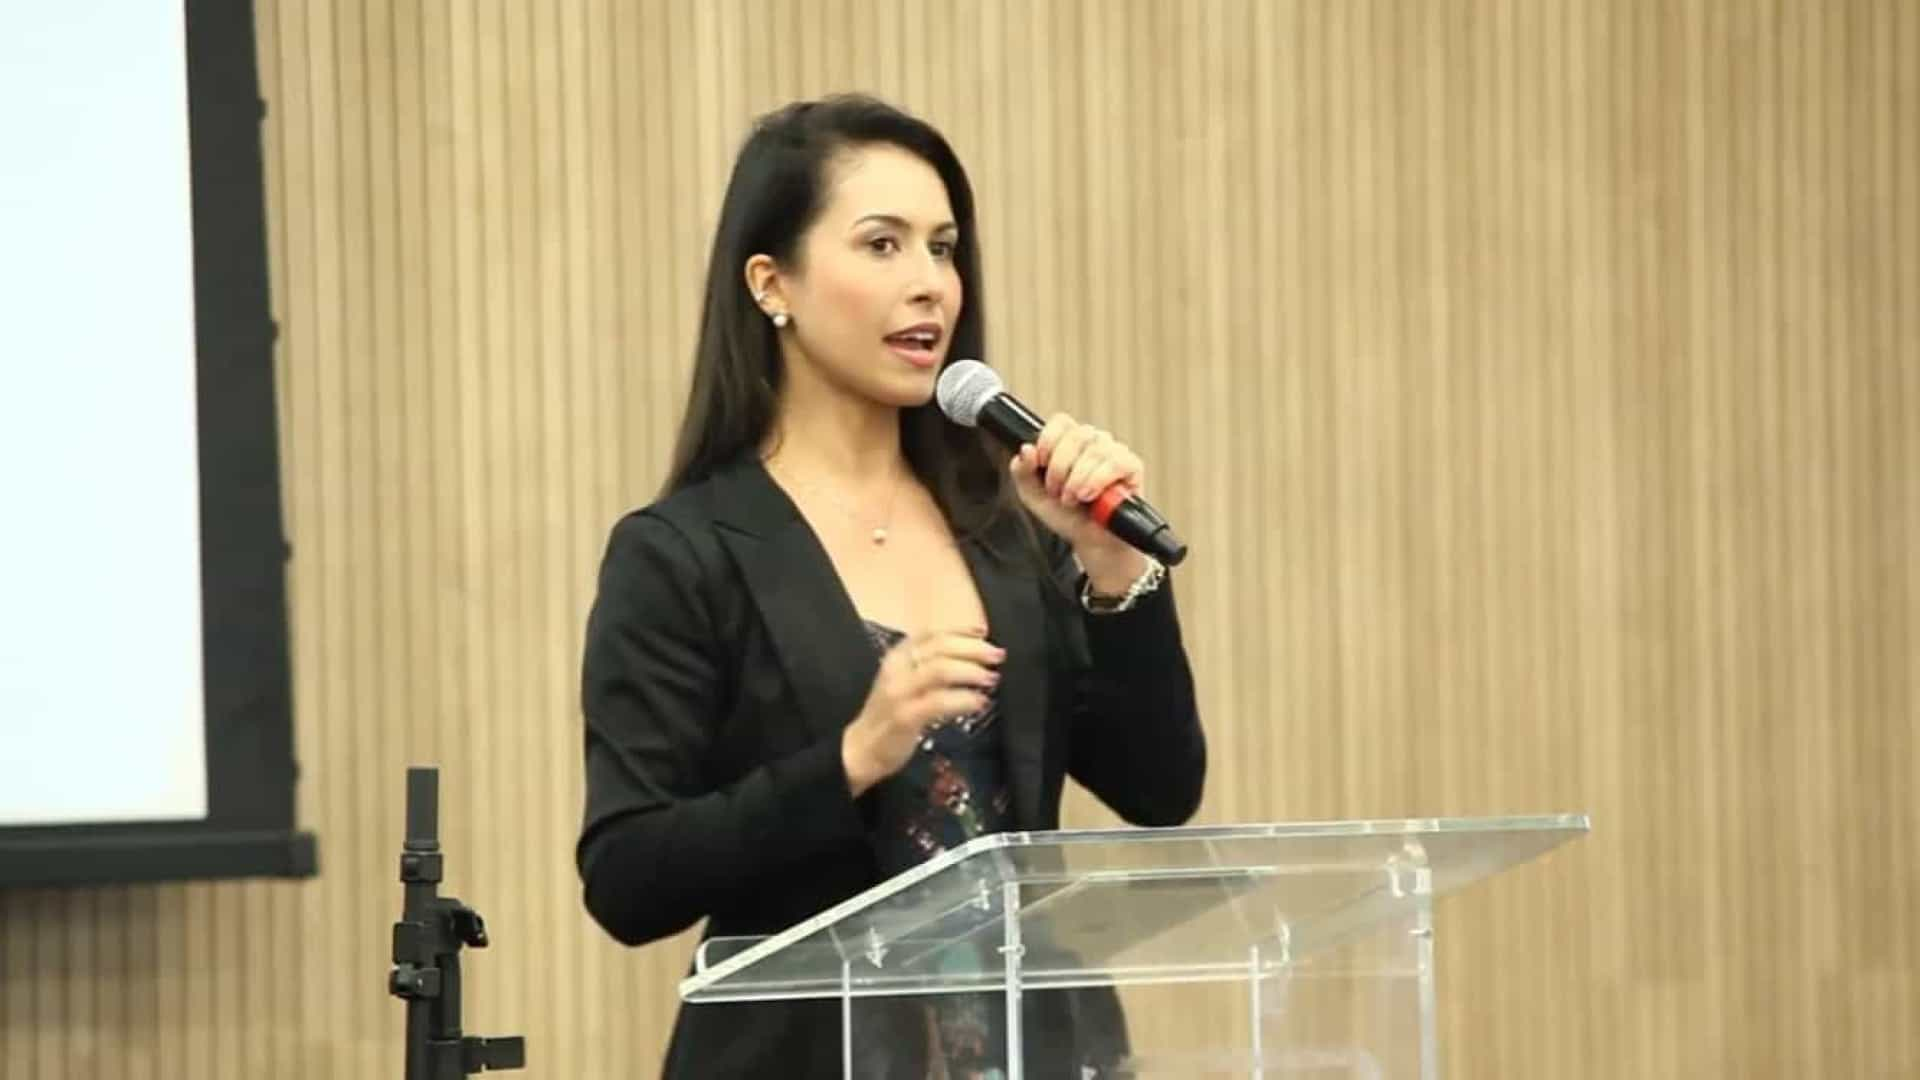 Corregedora vai ouvir juíza que desafia CNJ e critica máscara